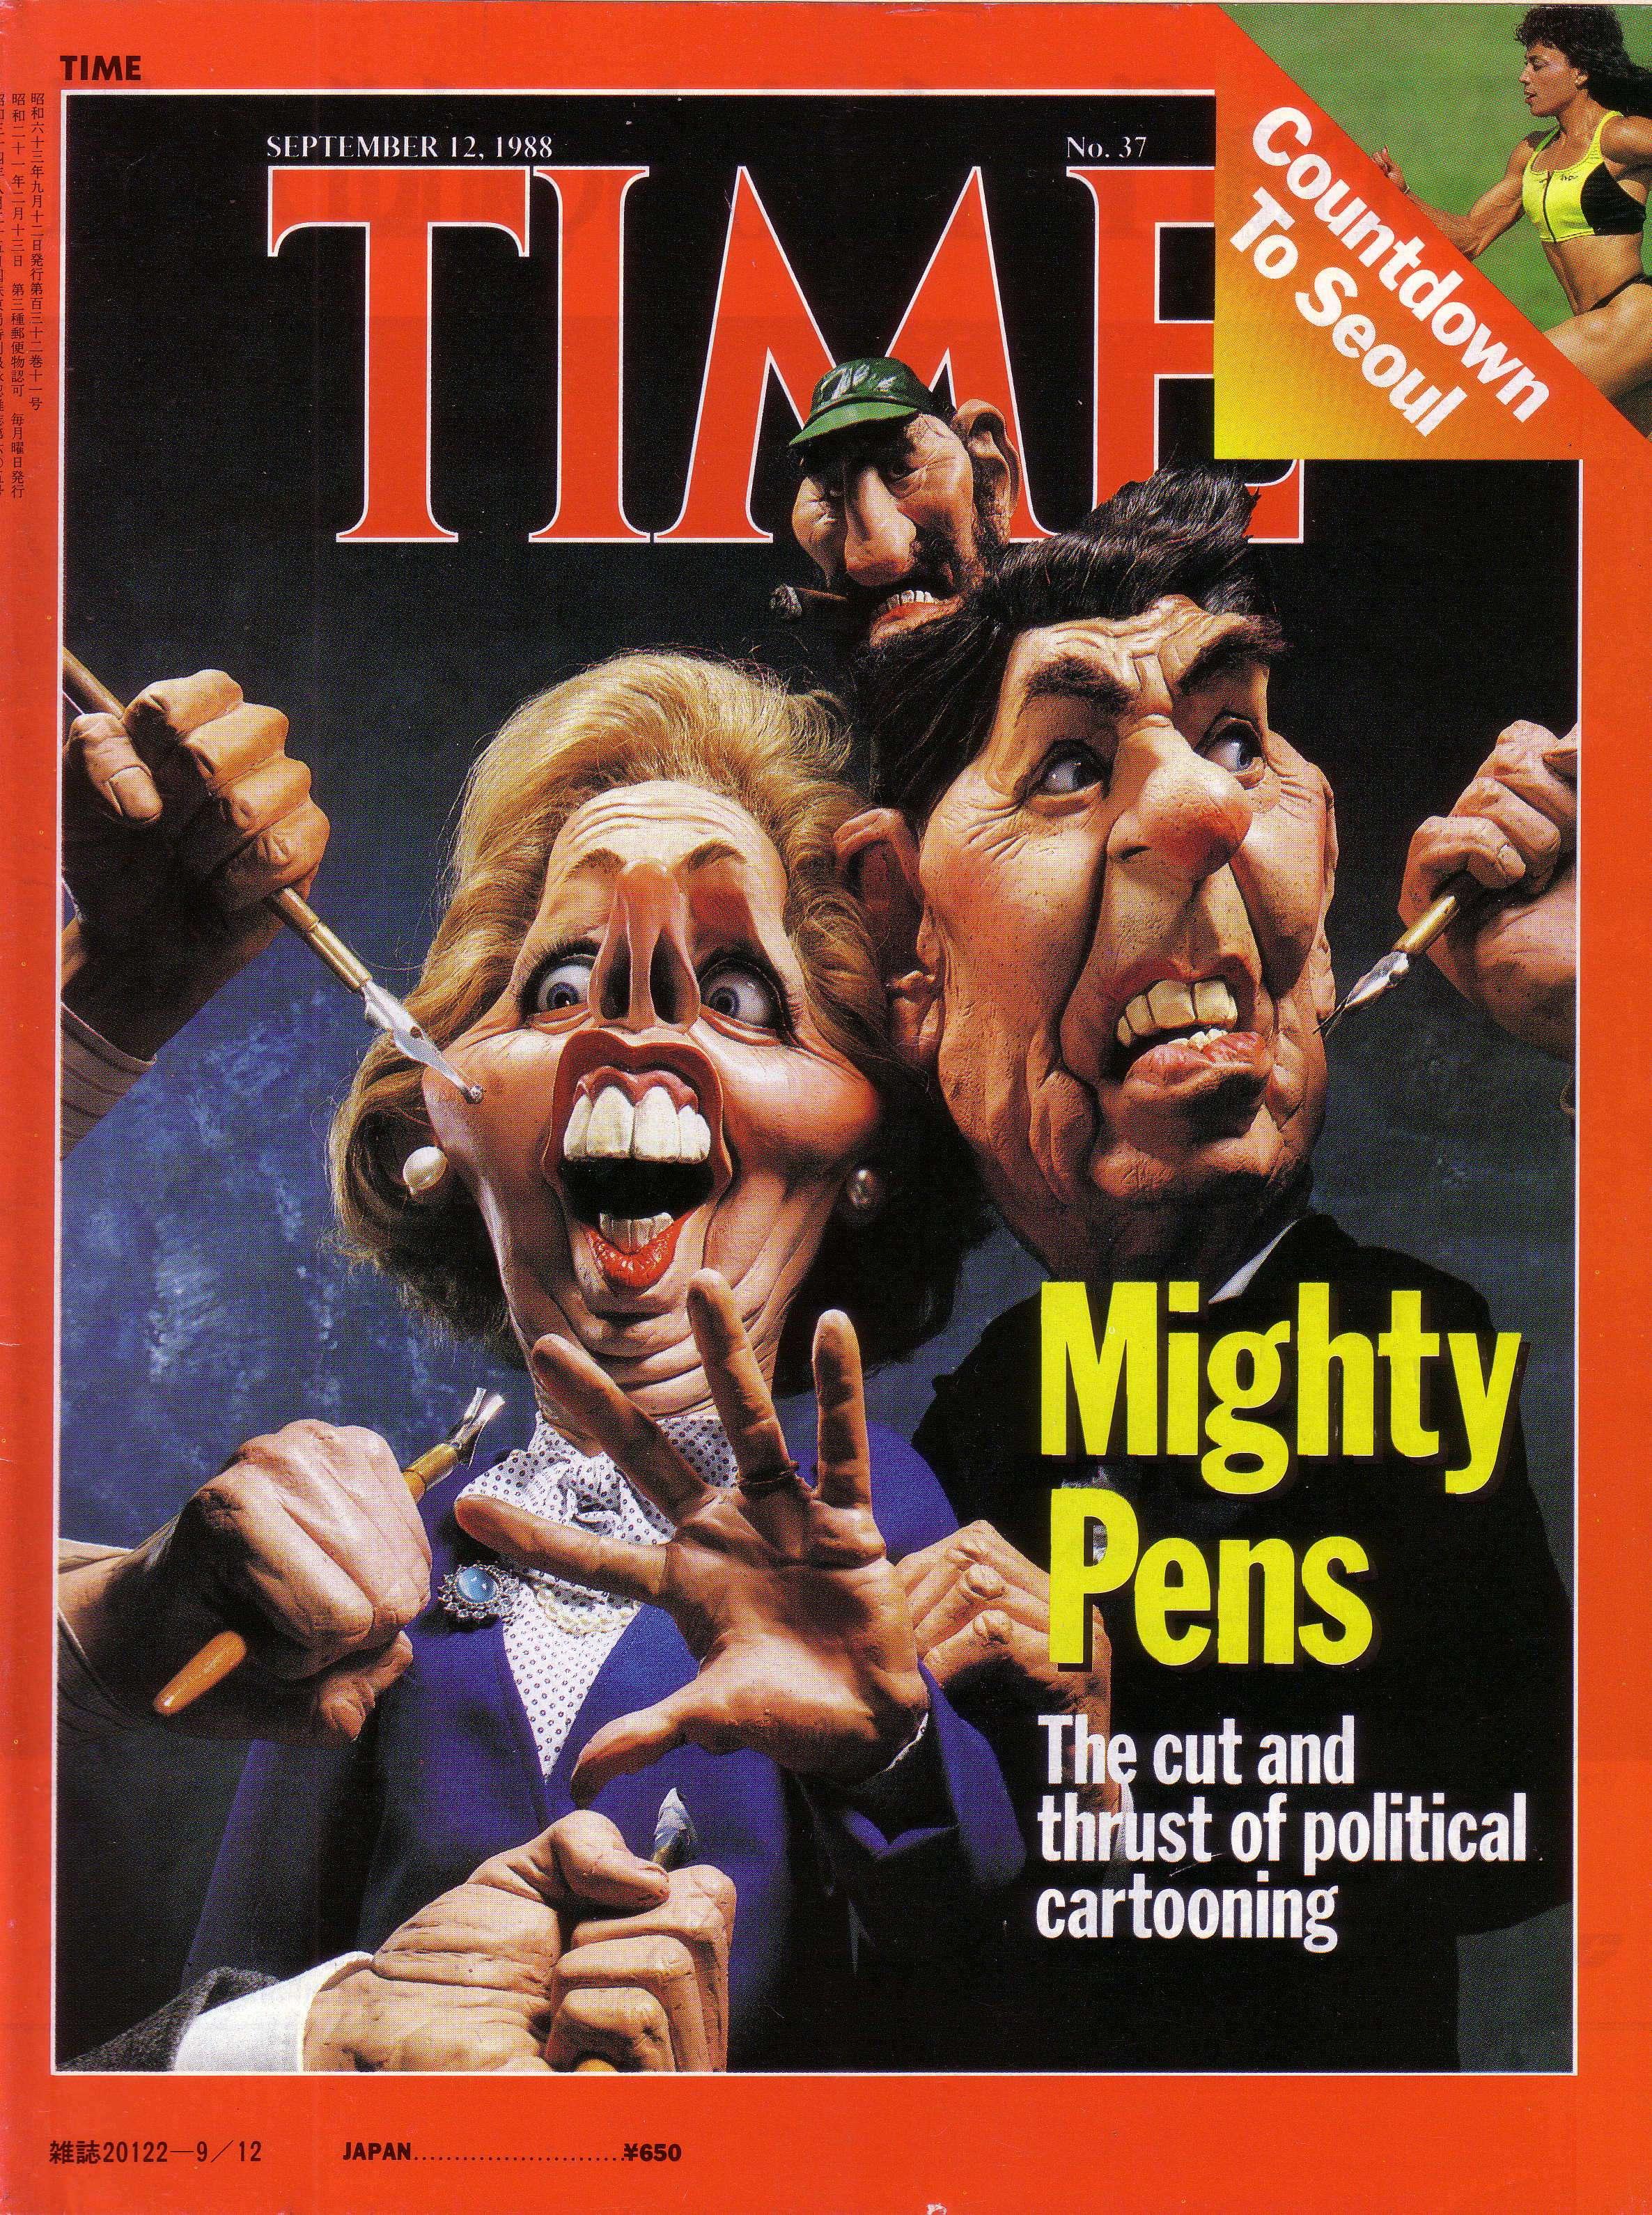 Η Θάτσερ και ο Ρήγκαν. Εξώφυλλο του περιοδικού TIME (1988)